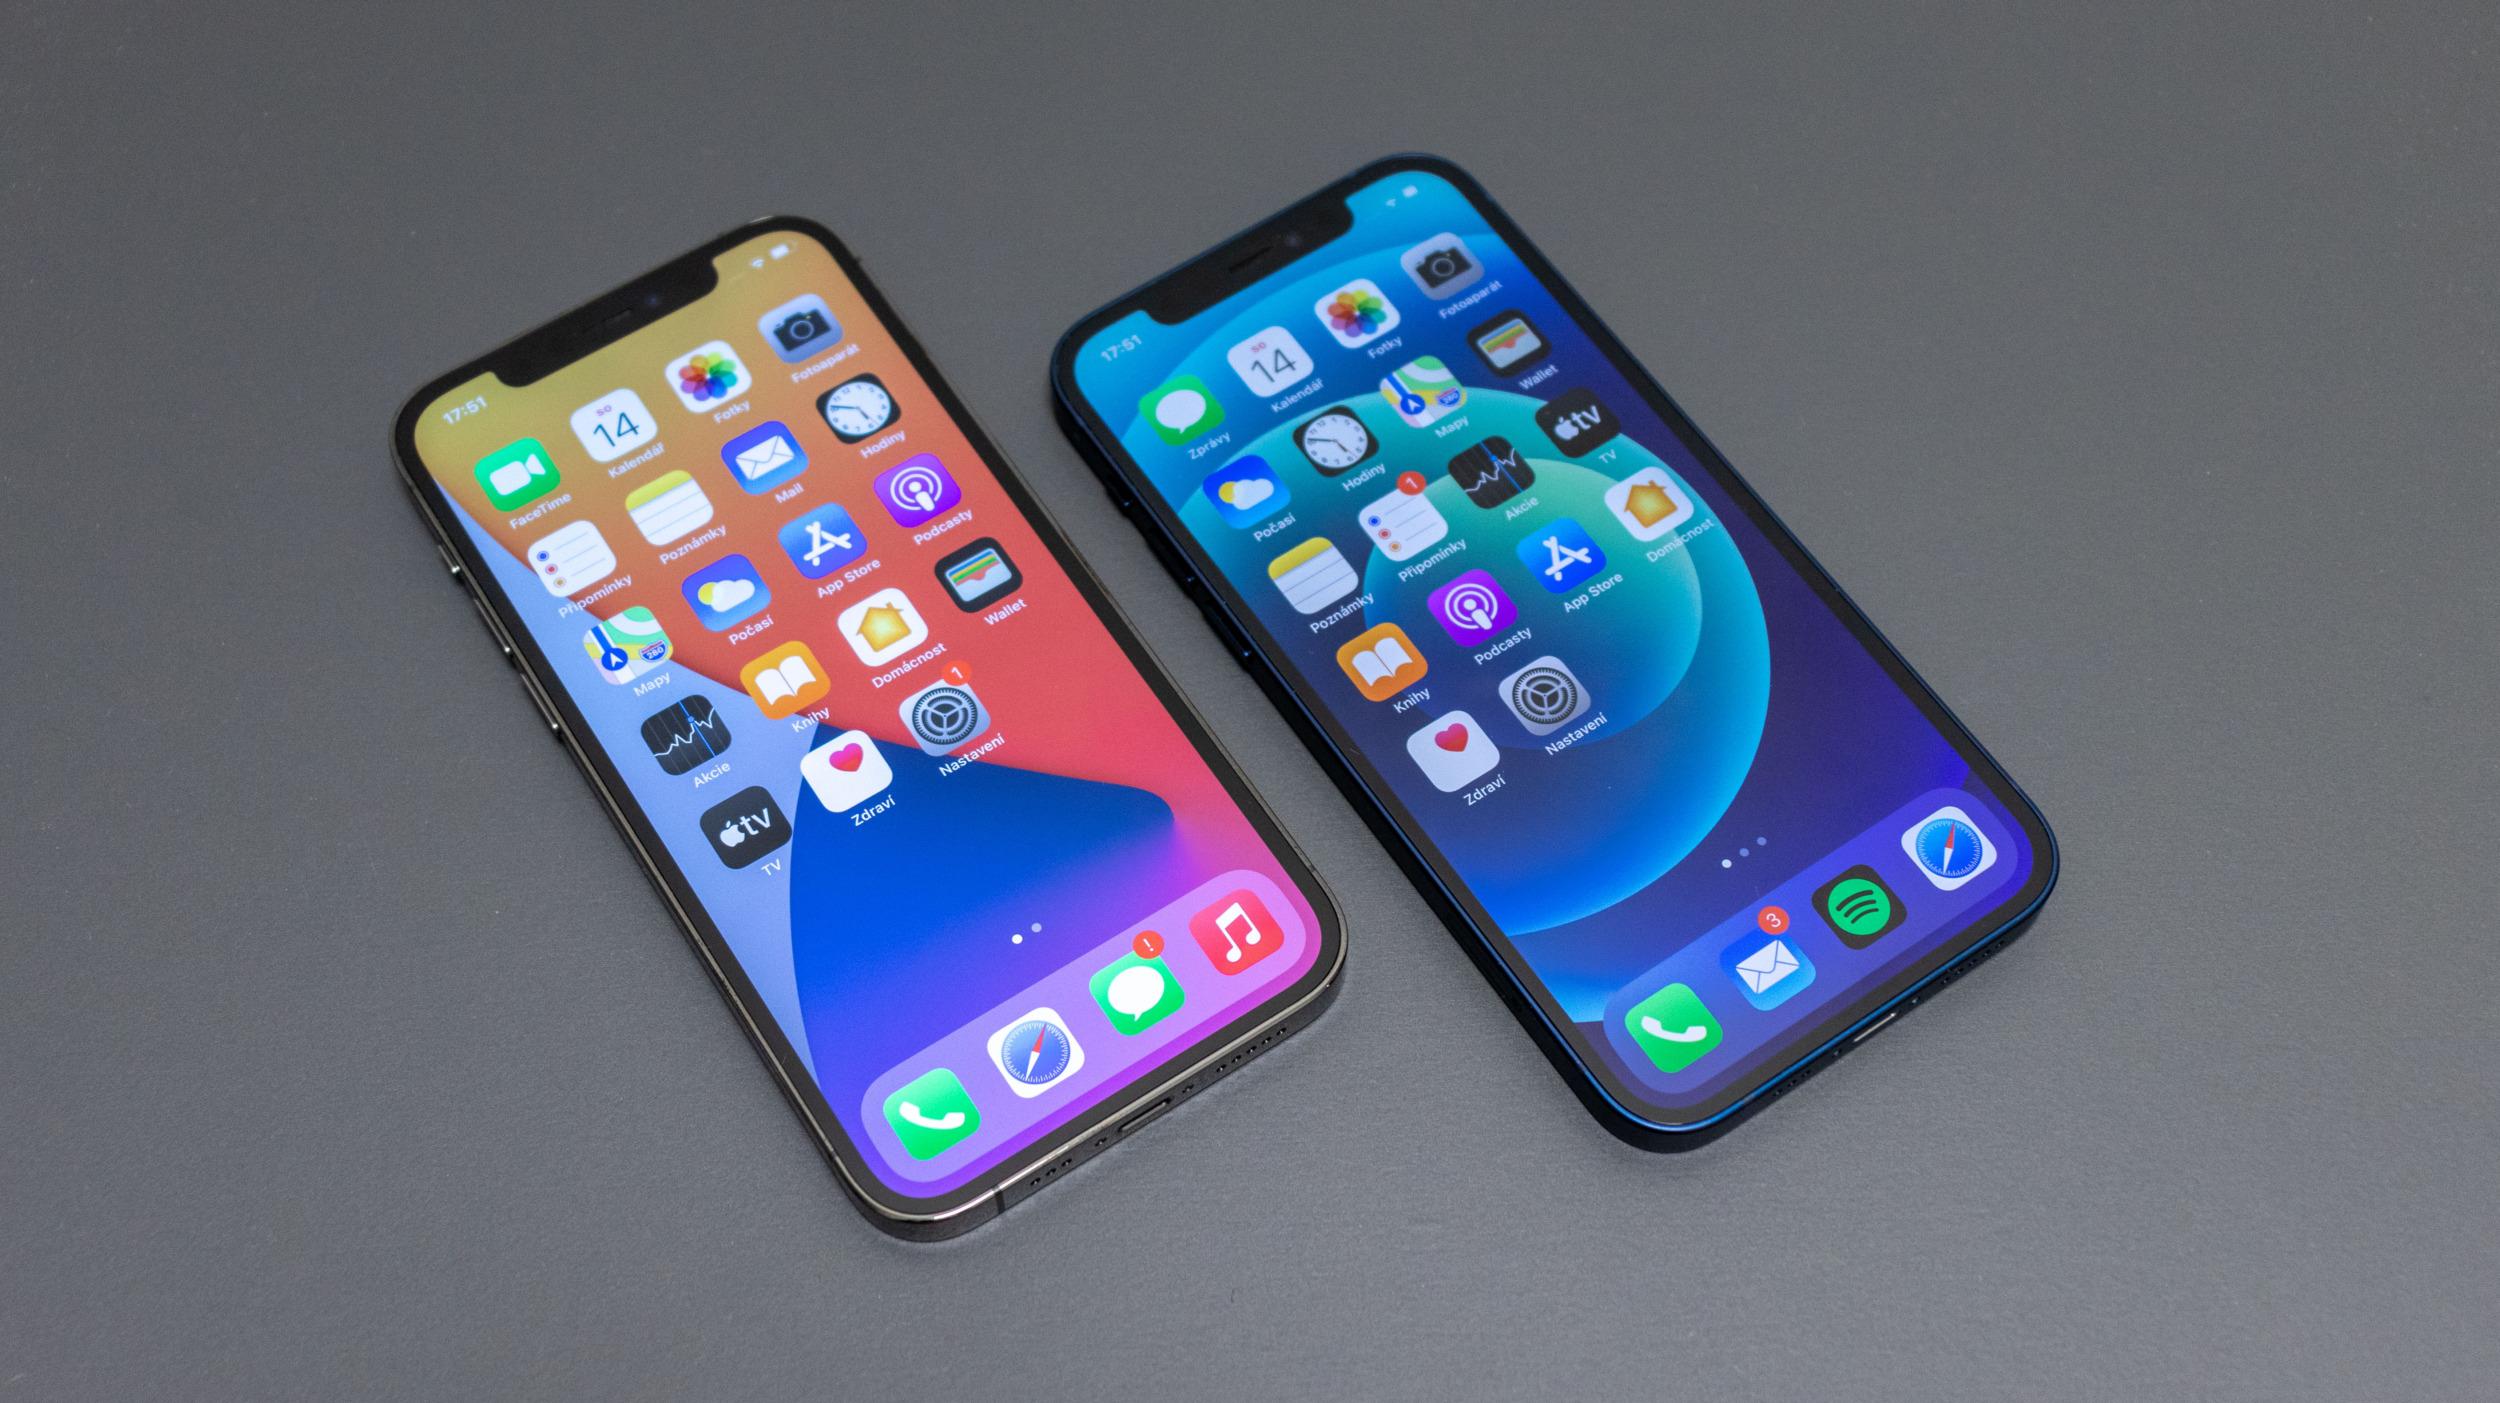 Podle DisplayMate má iPhone 12 Pro Max nejlepší displej v telefonech